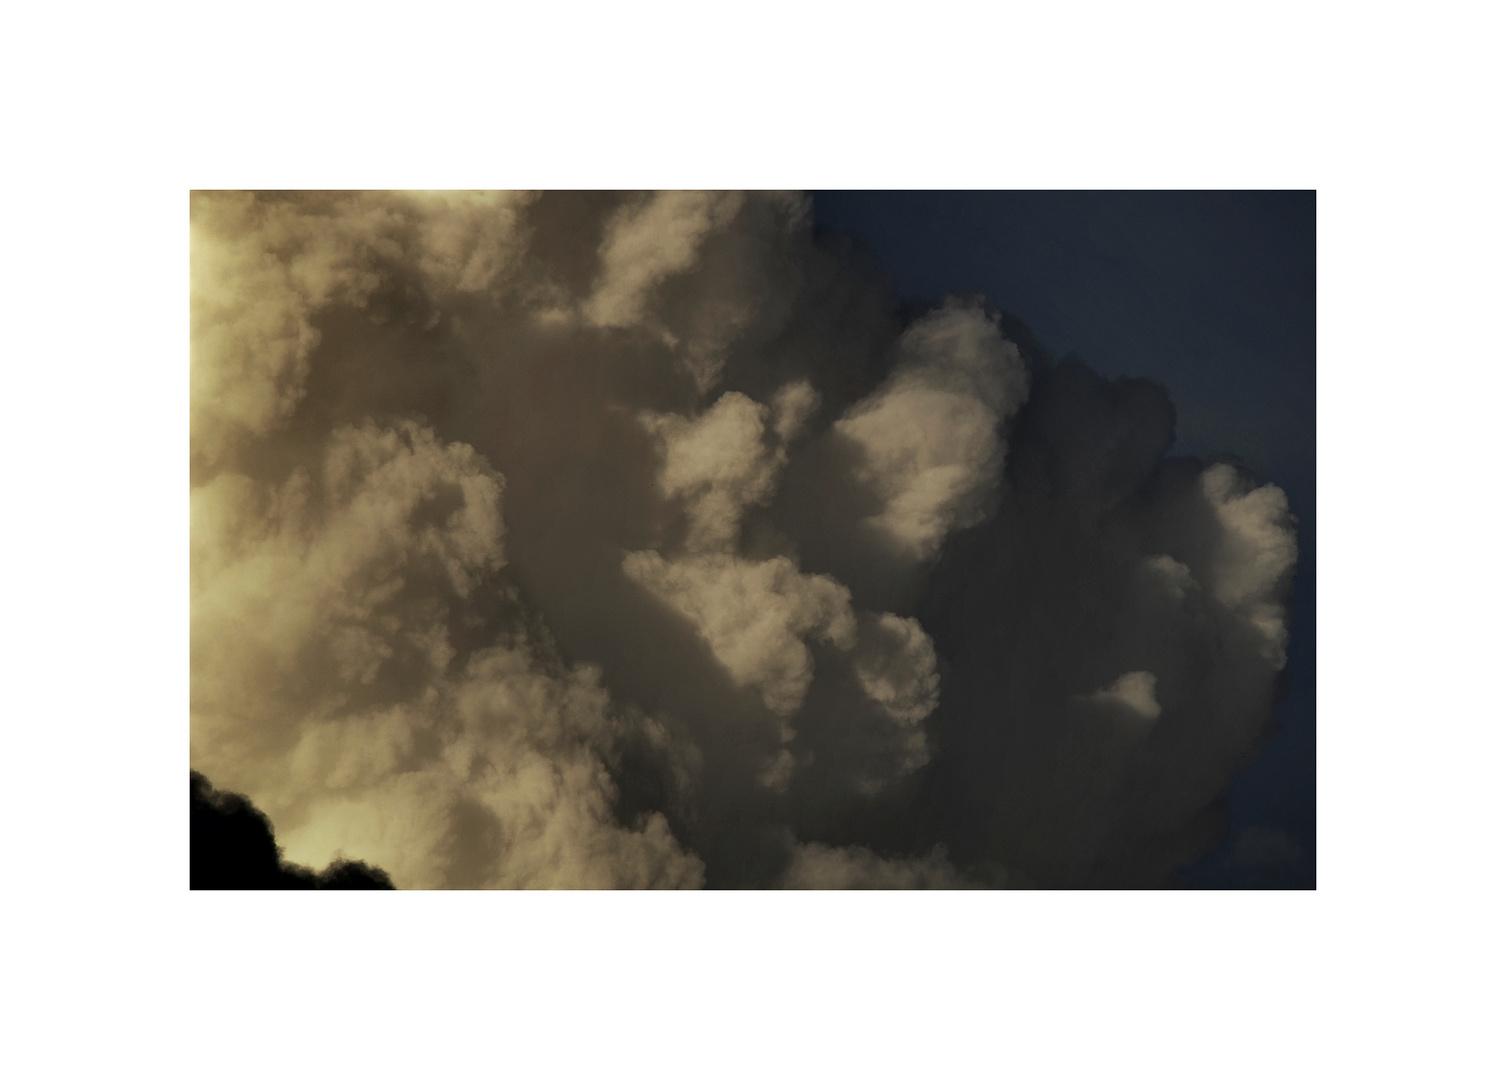 wolke im restlicht